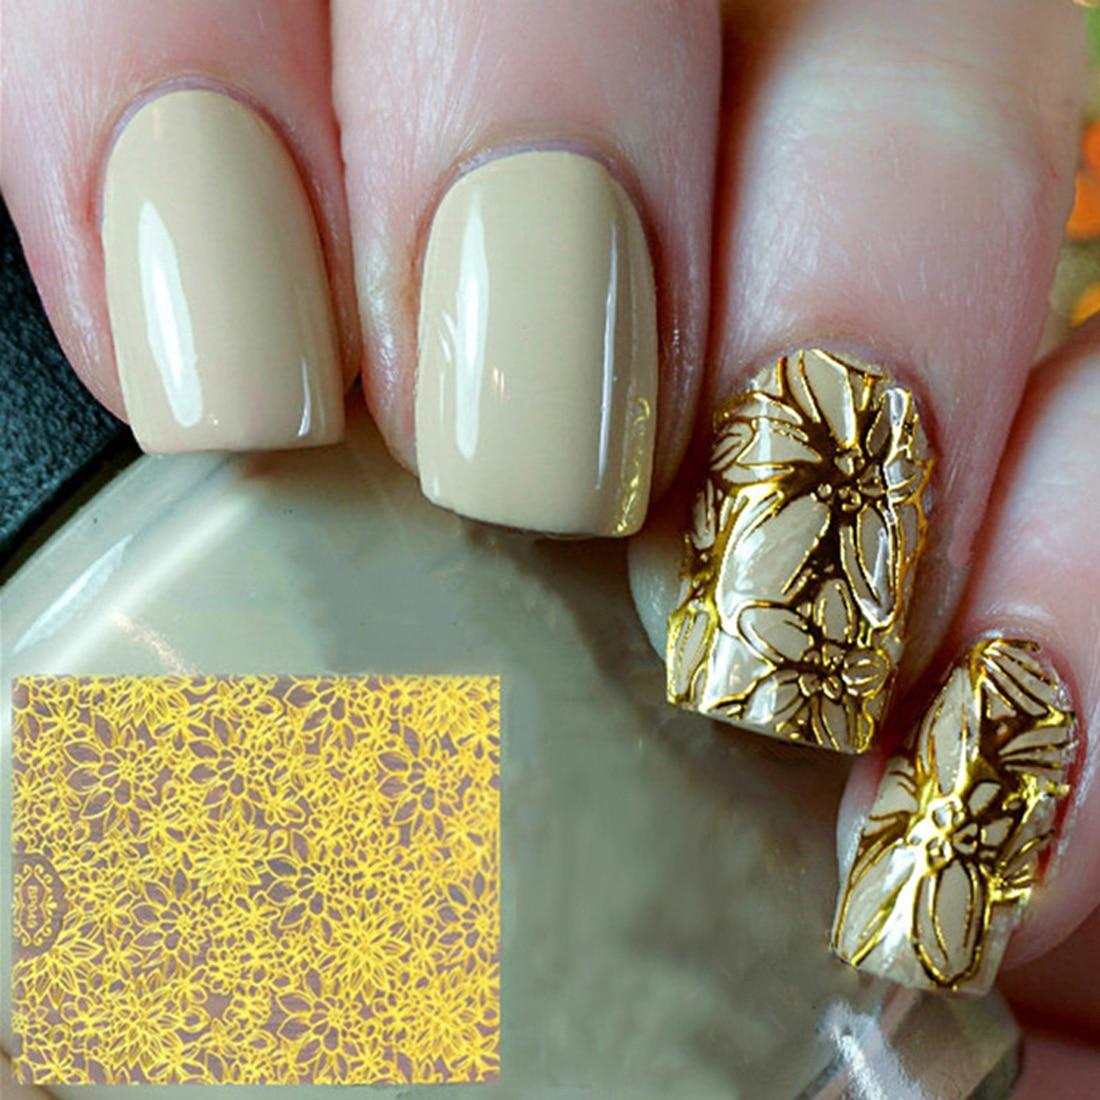 Etiqueta engomada del clavo de la hoja de diseño de encaje de uñas de belleza de decoración en relieve 3D etiqueta engomada del clavo de La Flor de 3D uñas etiqueta de arte